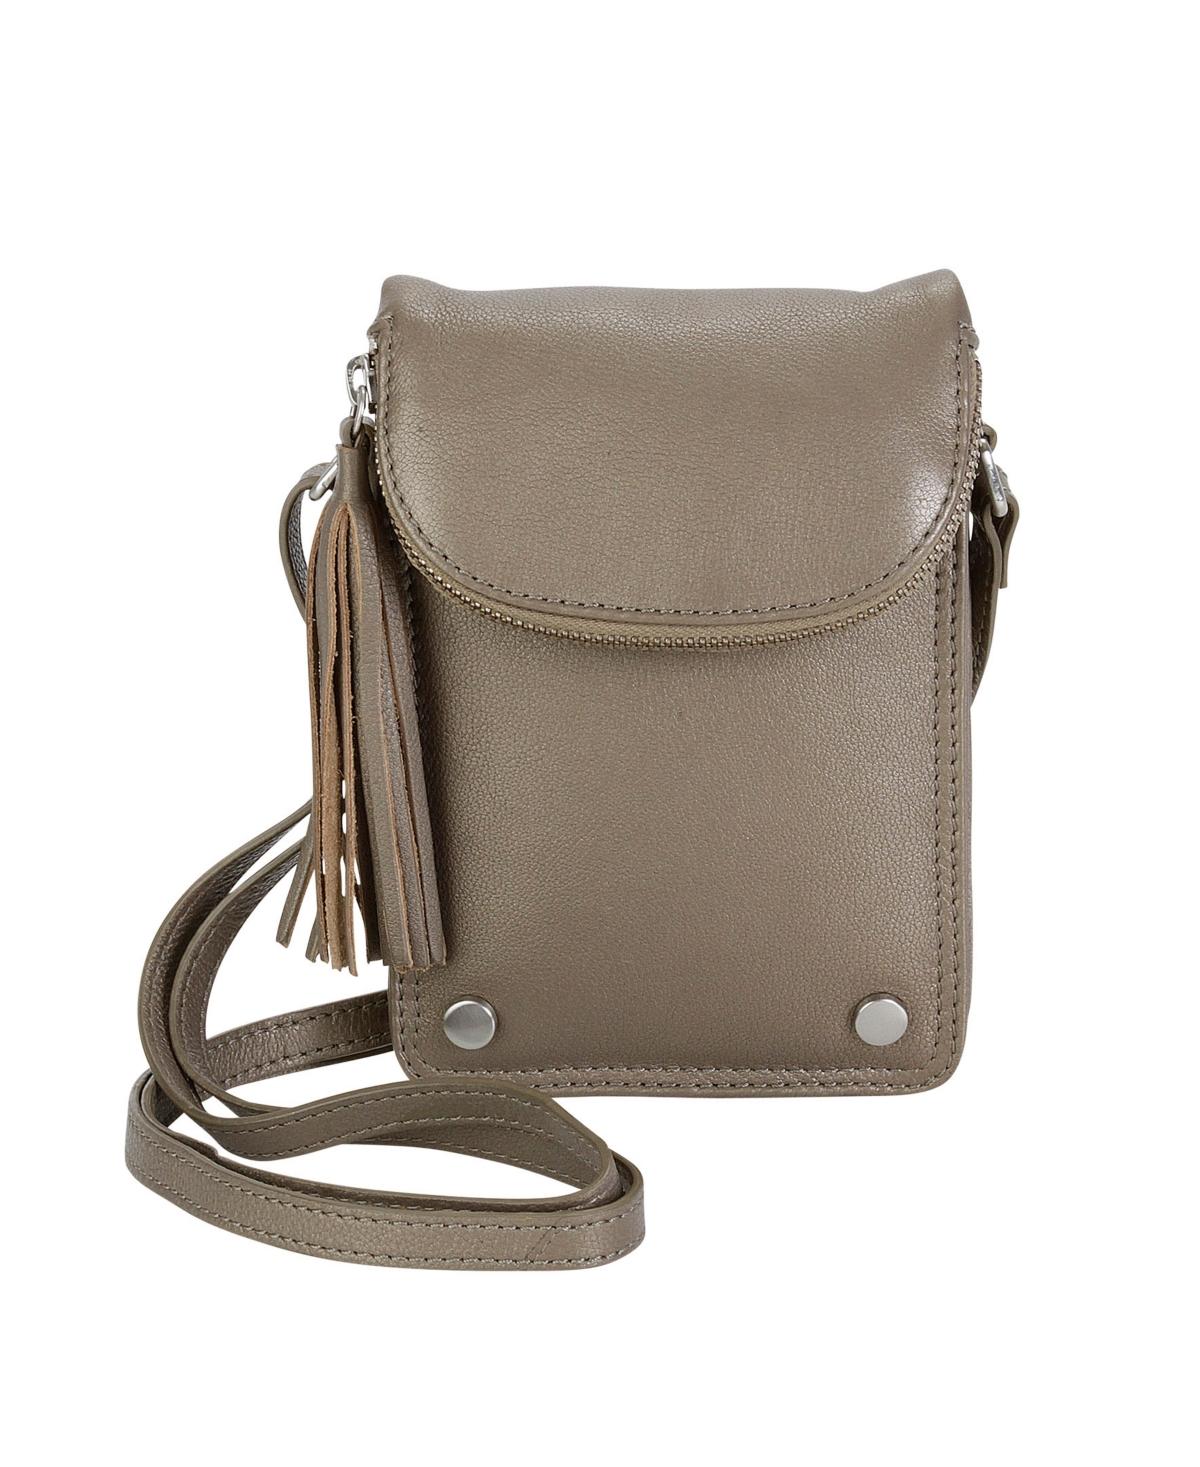 Hadaki Leather Mobile Crossbody